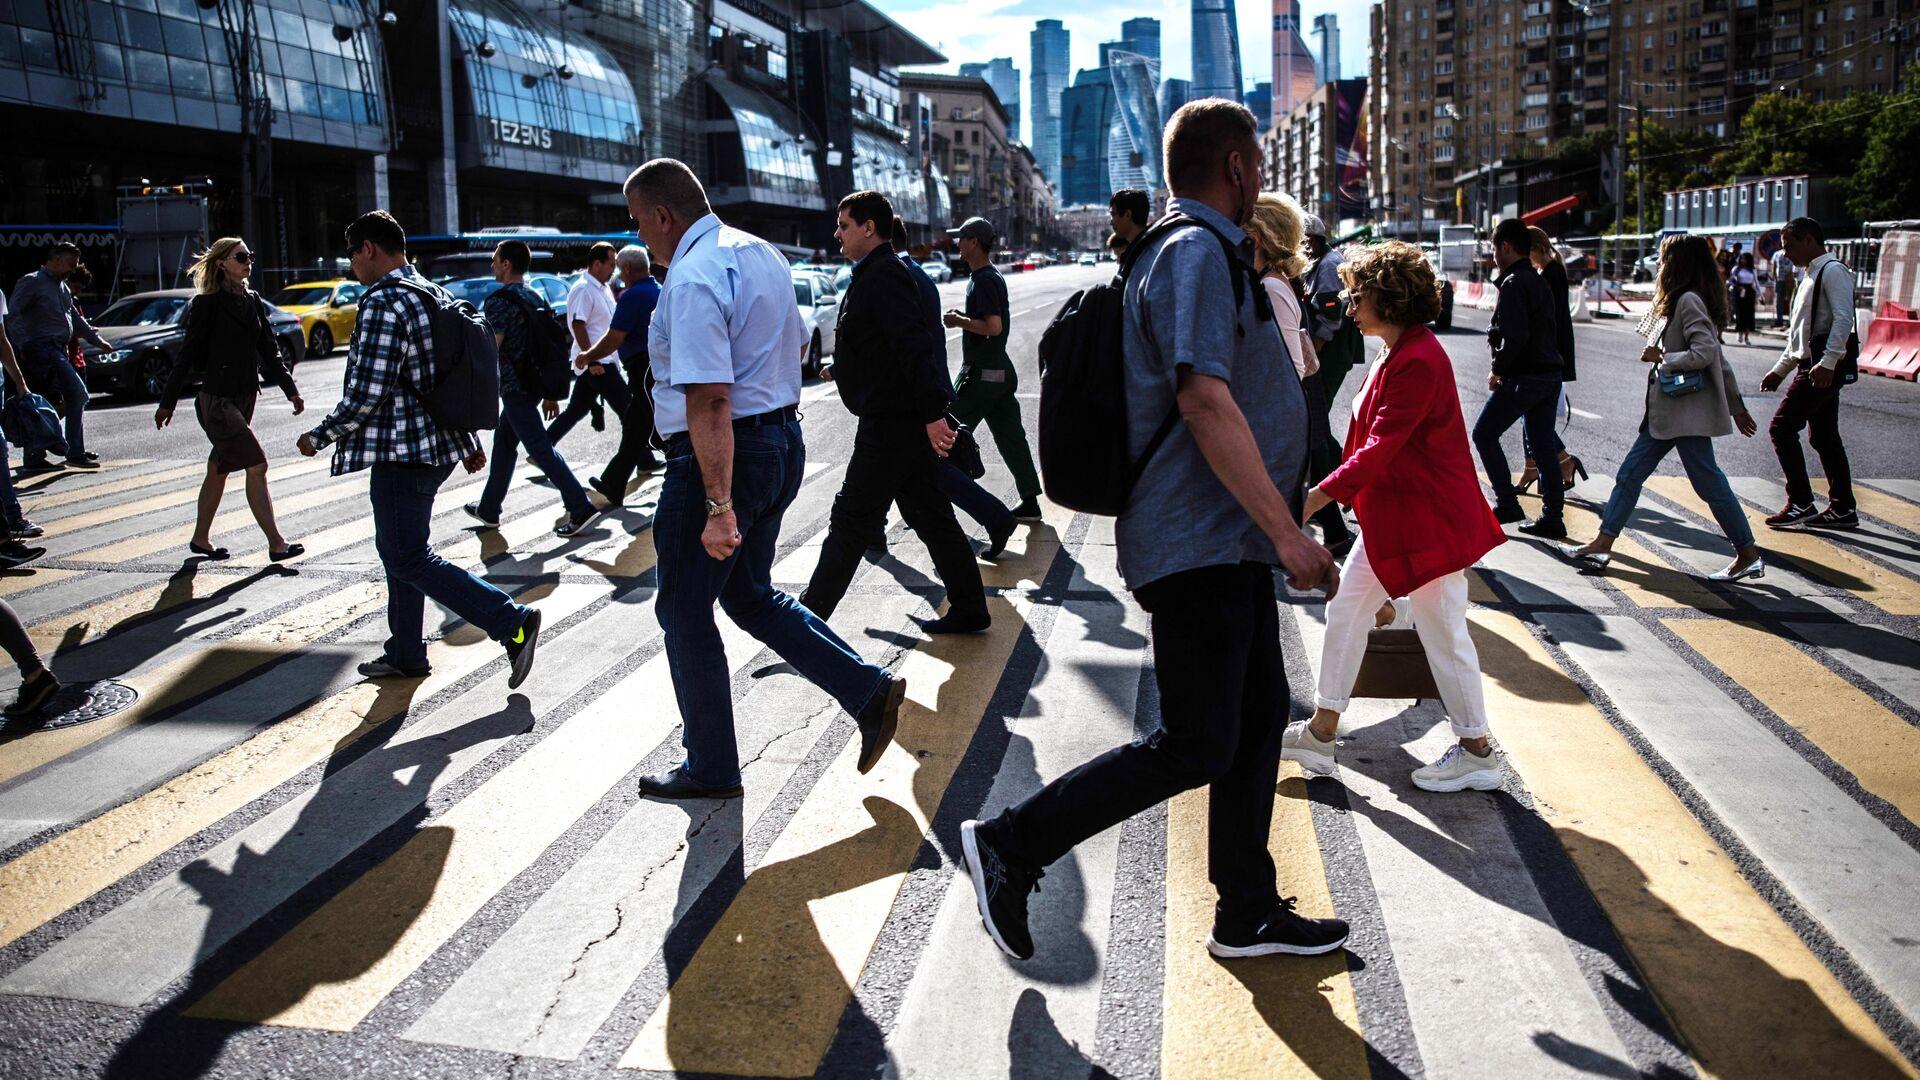 Люди переходят дорогу в районе Киевского вокзала в Москве - РИА Новости, 1920, 04.09.2020